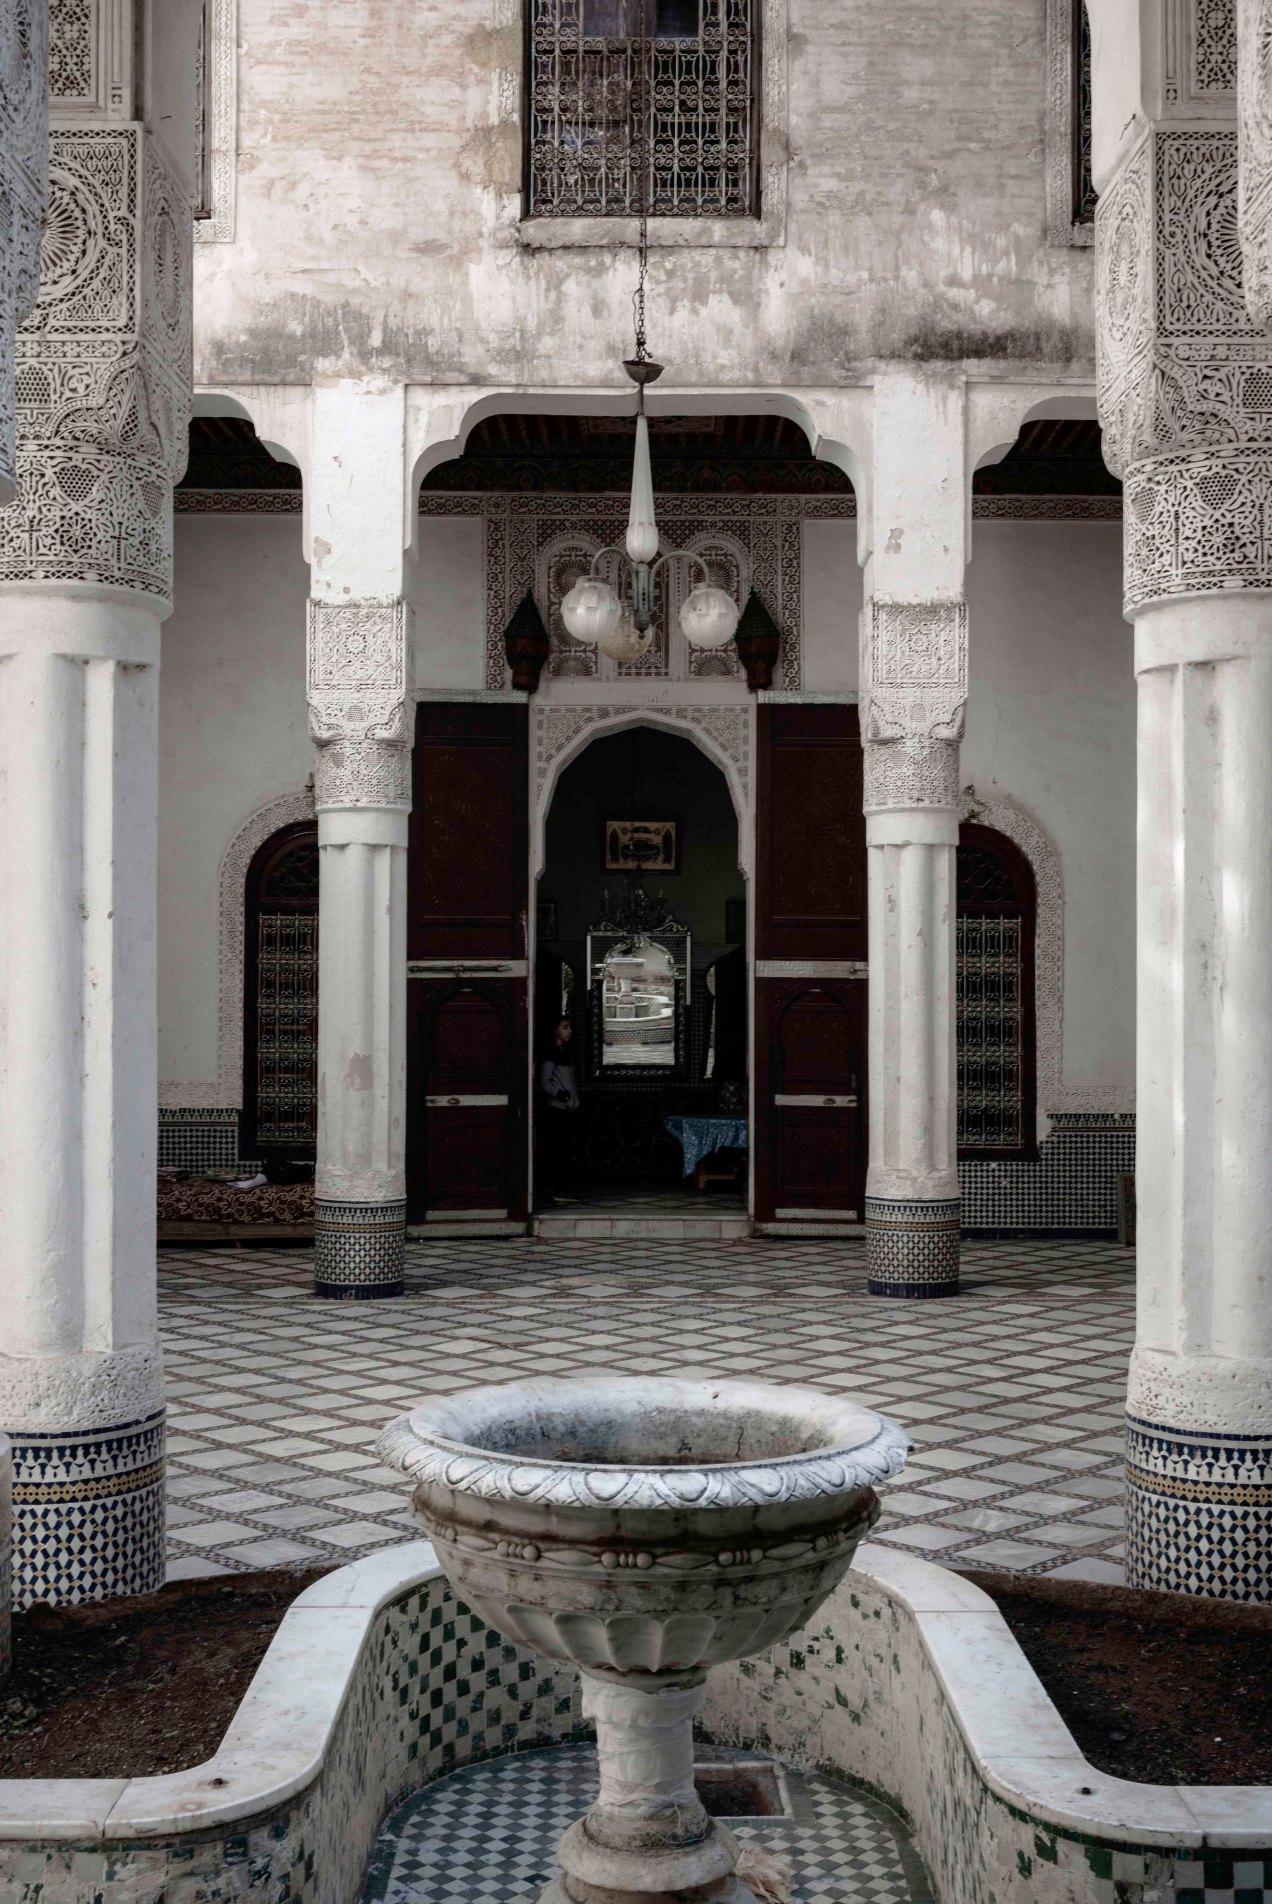 Fès intérieure, gildalliere, Fès, Maroc, 2020